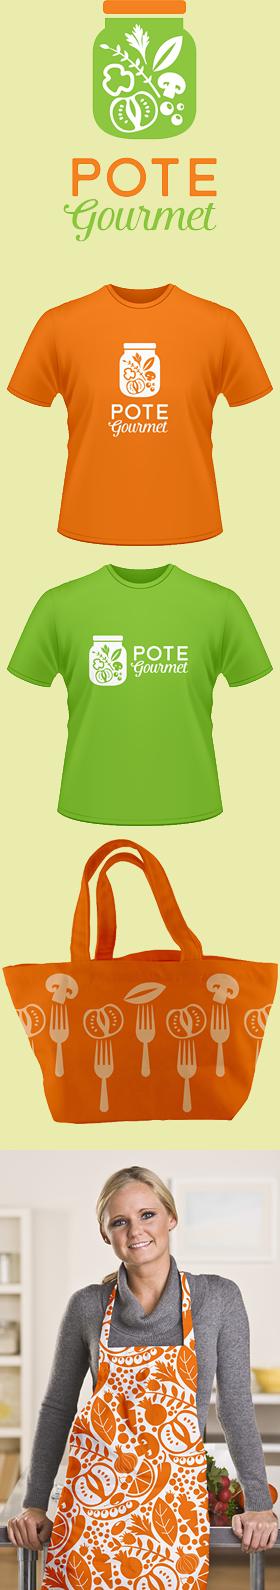 Criação de Identidade Visual para POTE GOURMET